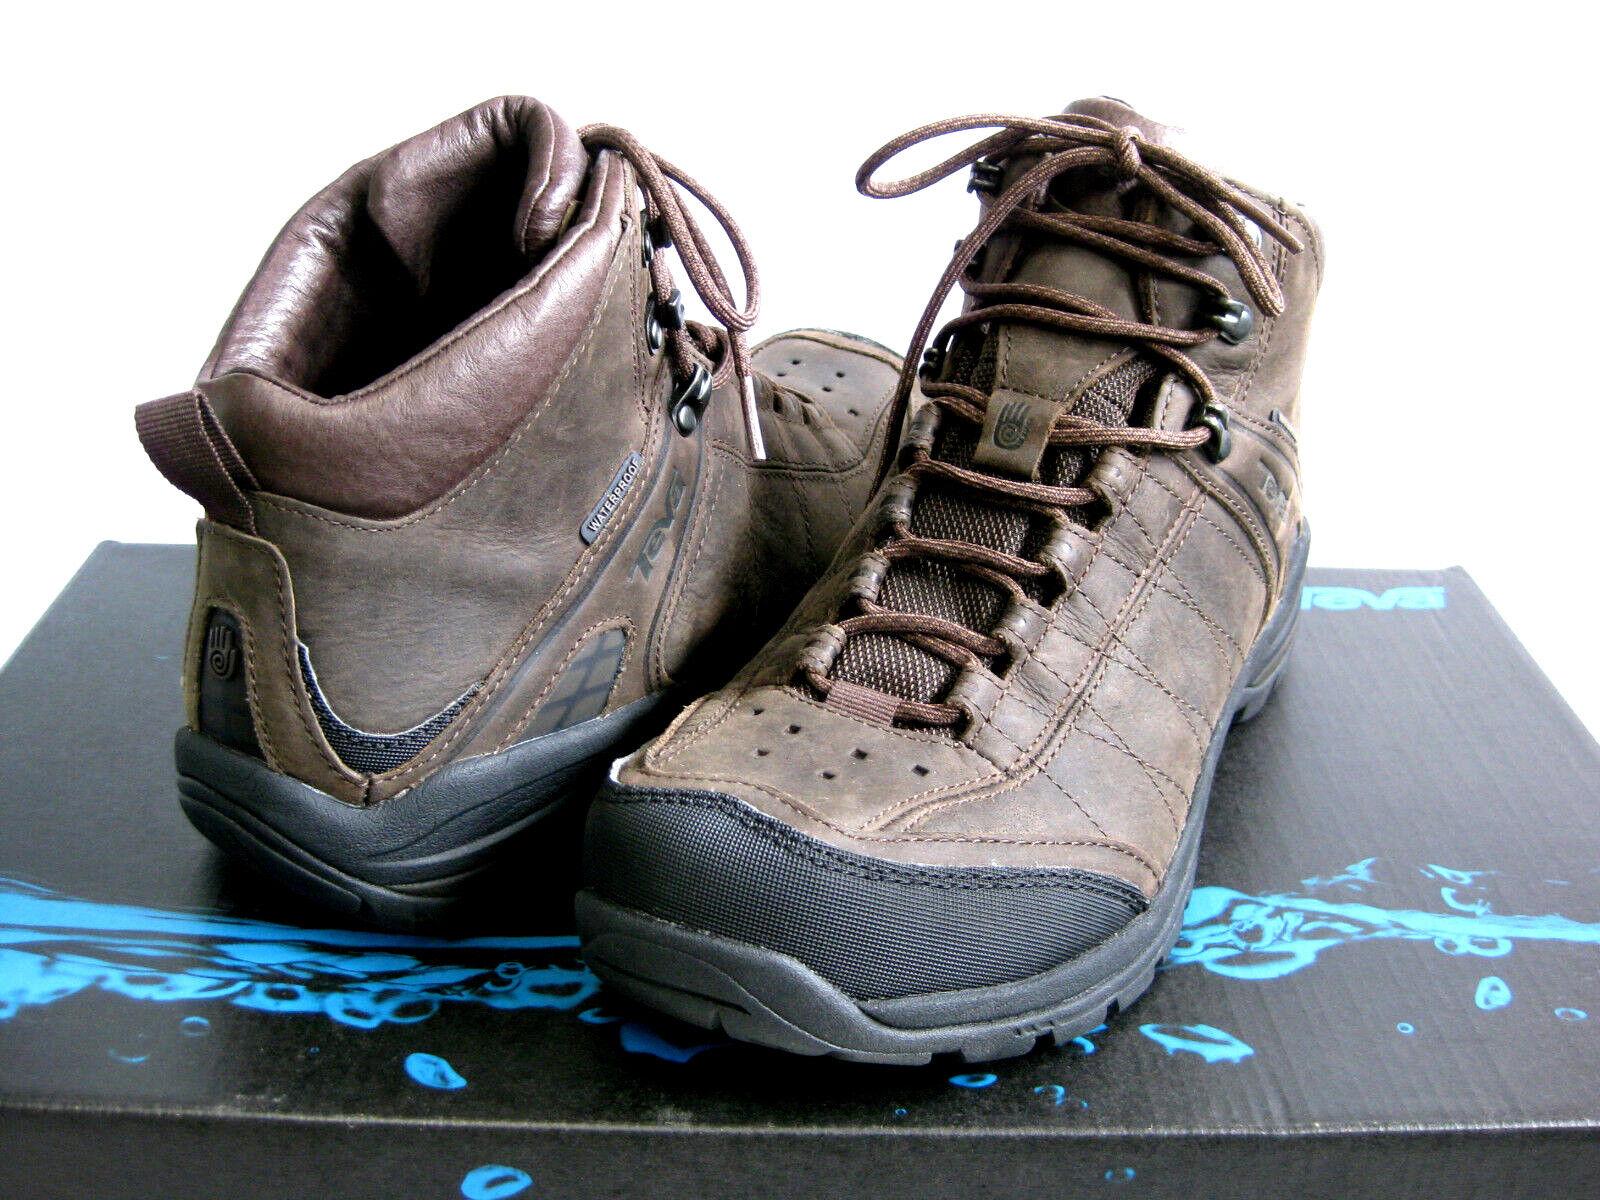 botas Para Excursionismo Hombres TEVA KIMTAH Mid WP Cuero Marrón US 10.5